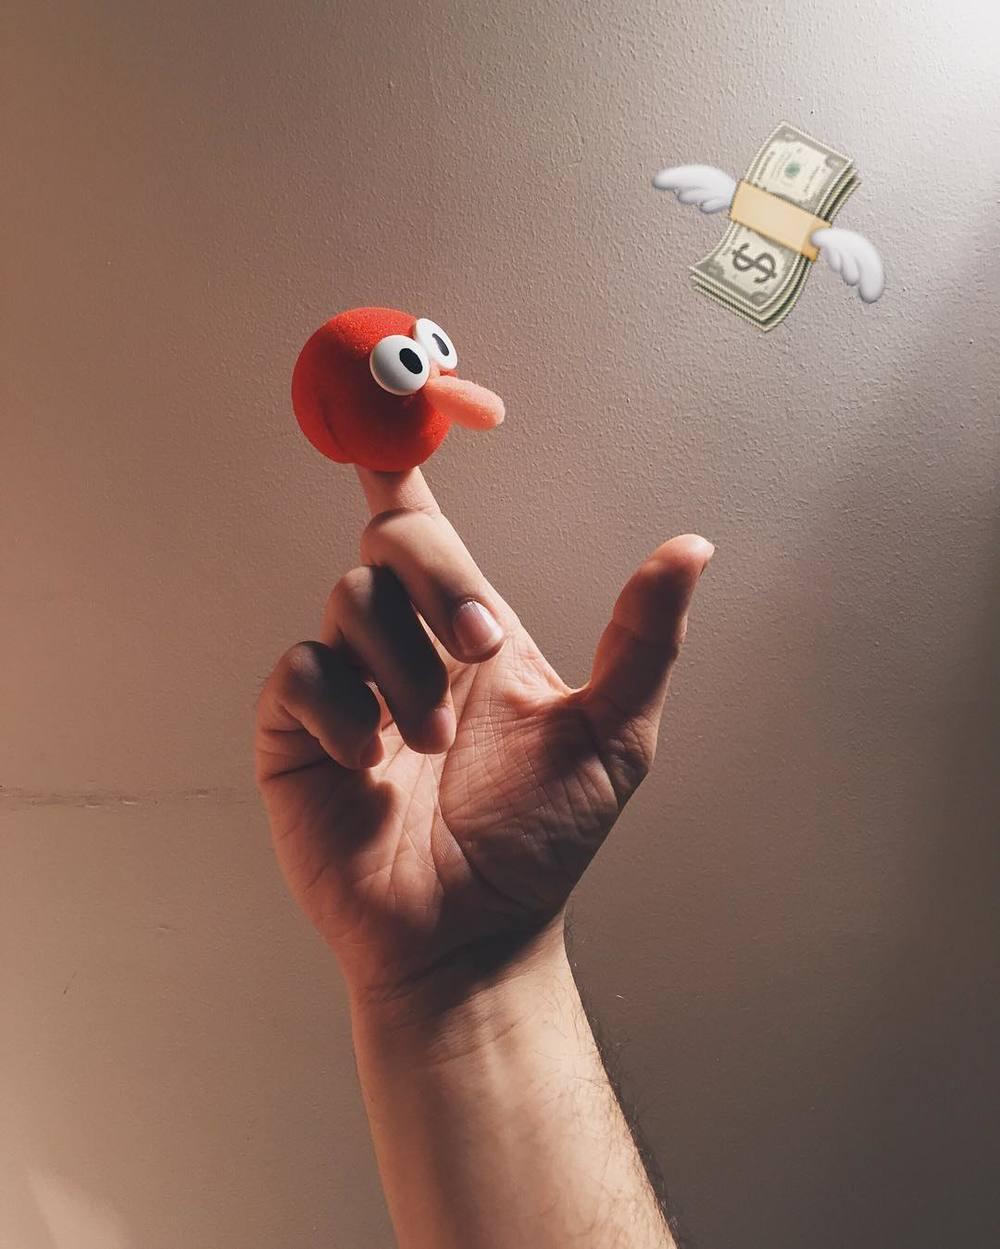 Gonna need a bigger net. #puppet  http://ift.tt/1ZykXj3